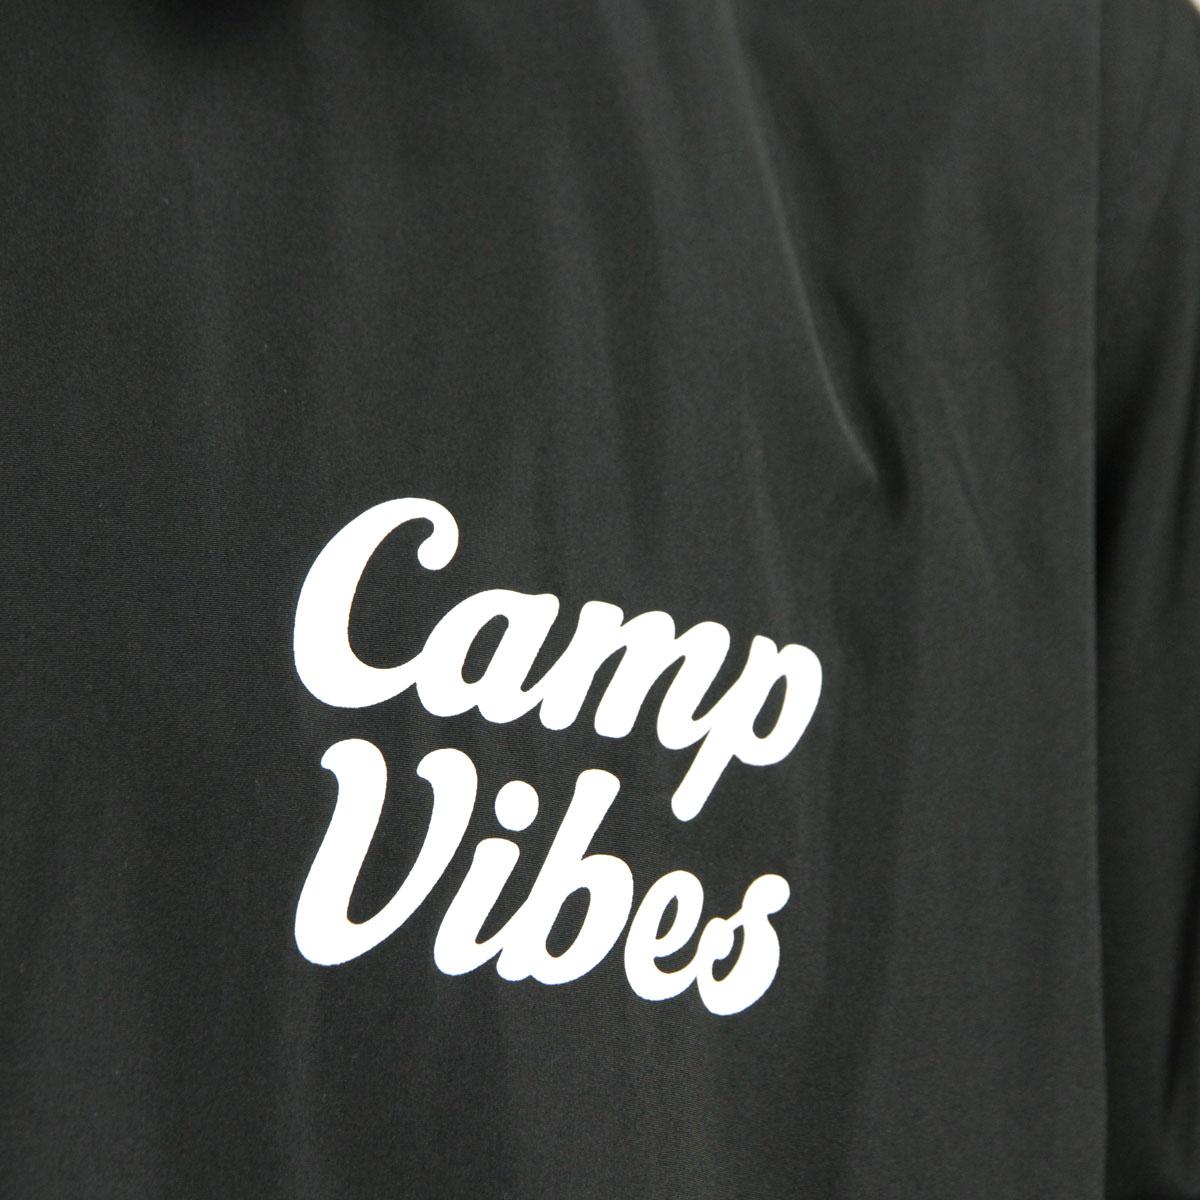 ポーラー アウター メンズ 正規販売店 POLER ジャケット コートジャケット CAMP VIBES COACH JACKET BLACK A79B B1C C1D D4E E13F ホワイトデー 2021 ラッピング無料